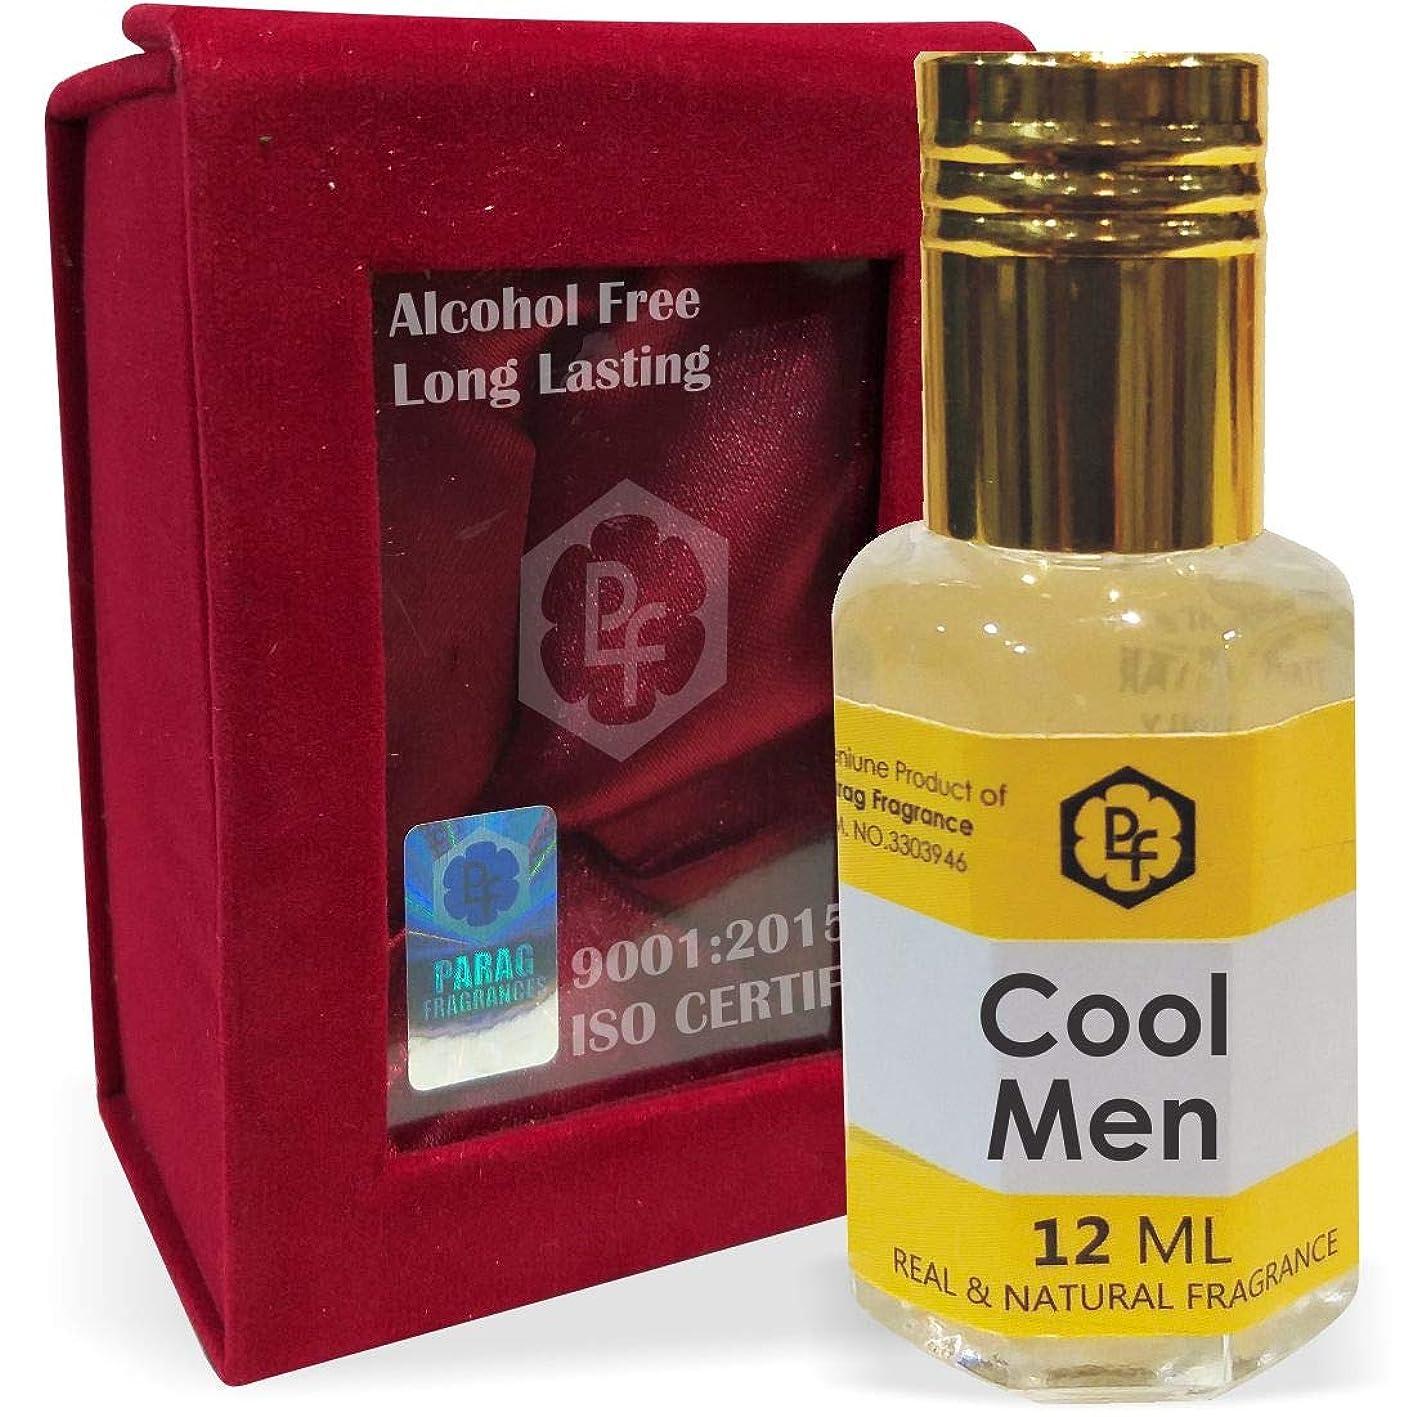 意気揚々ジャニス伝導アターITRA最高の品質長持ち| Paragフレグランスは、男性の12ミリリットルアター/手作りベルベットボックス香油/(インドの伝統的なBhapka処理方法により、インド製)フレグランスオイルがクール